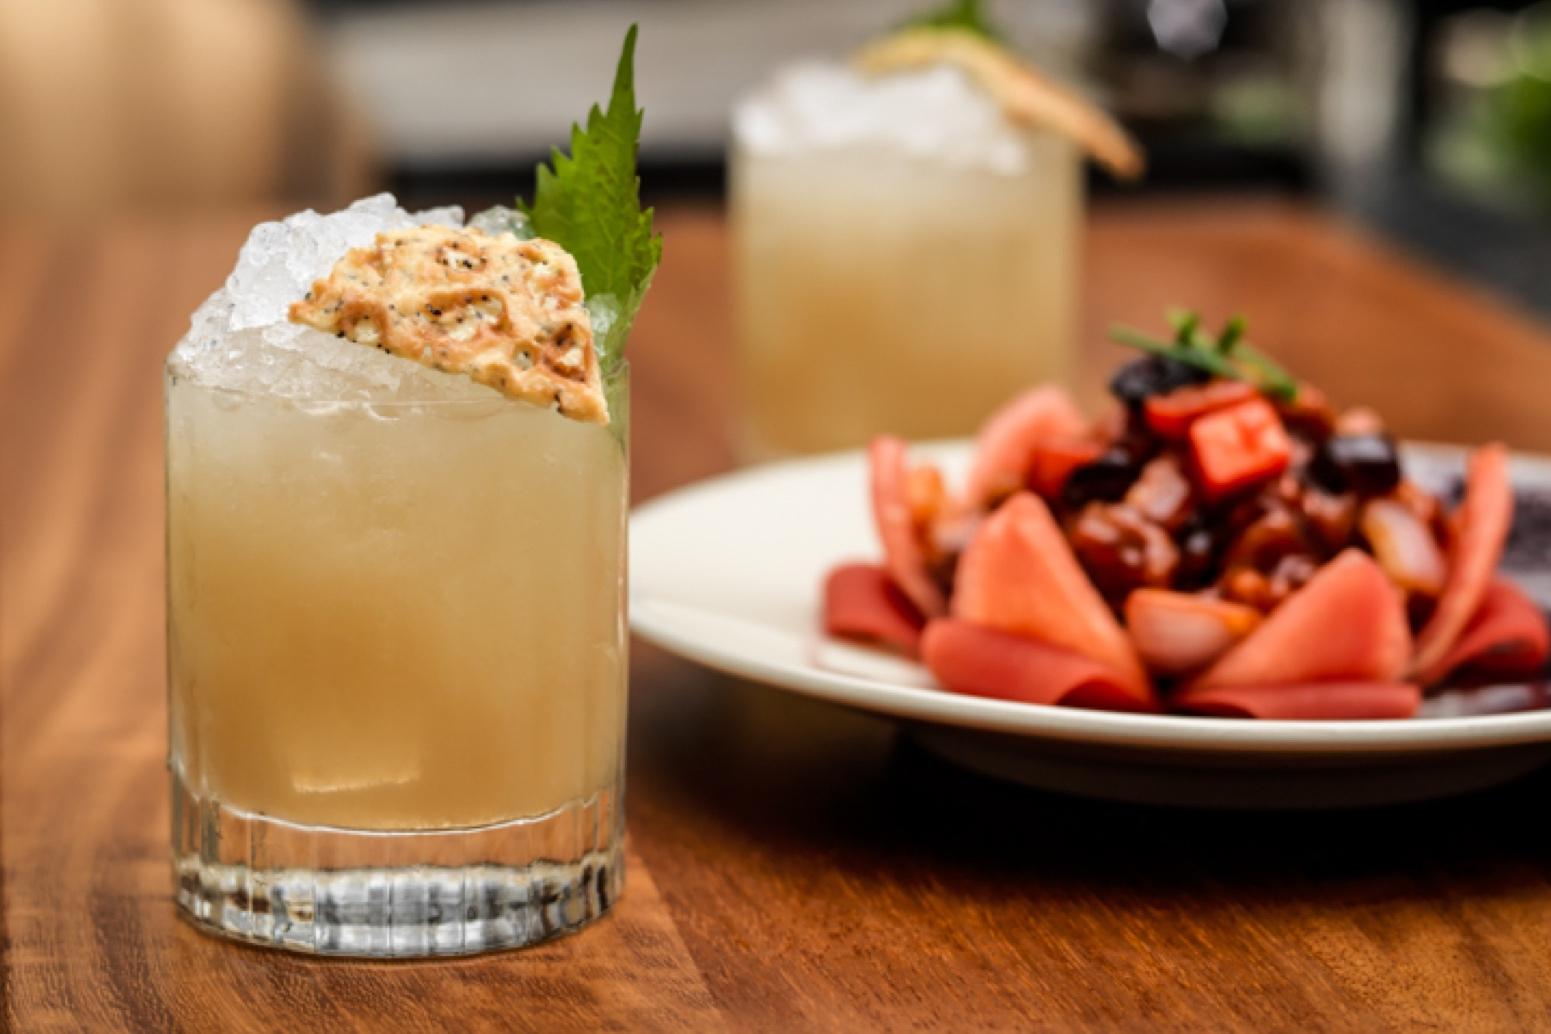 Cocktails - Il Mei Ume Bar sarà un punto focale per il ristorante, con il design da padiglione orientale caratterizzato da un'elegante illuminazione ed oggetti in vetro.